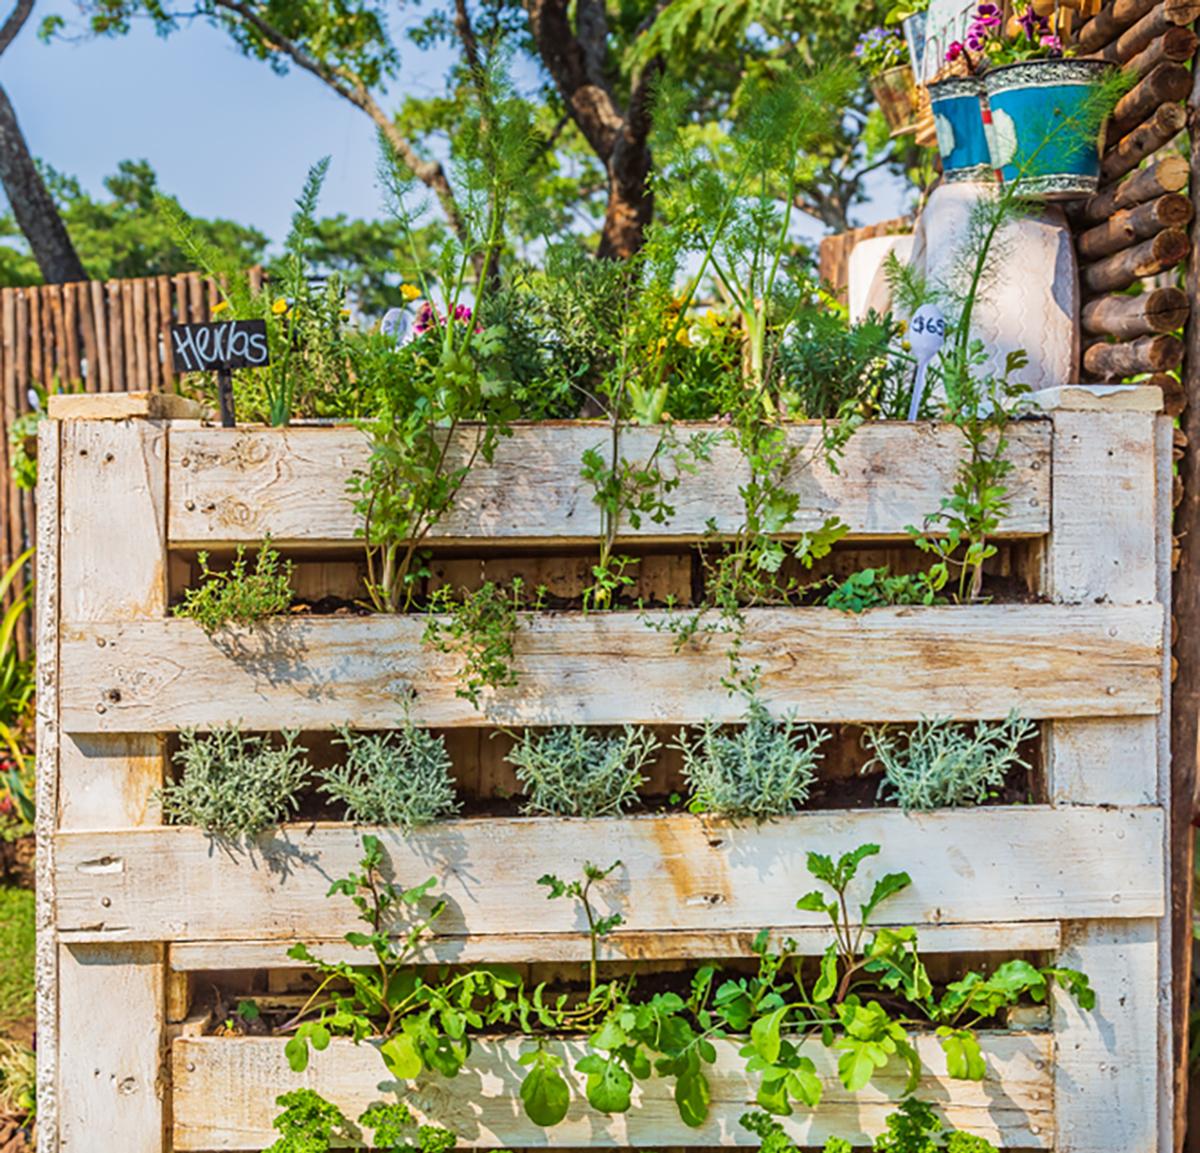 Giardini Verticali Fai Da Te orto verticale: realizzarlo con pallet, tubi in pvc e cosa